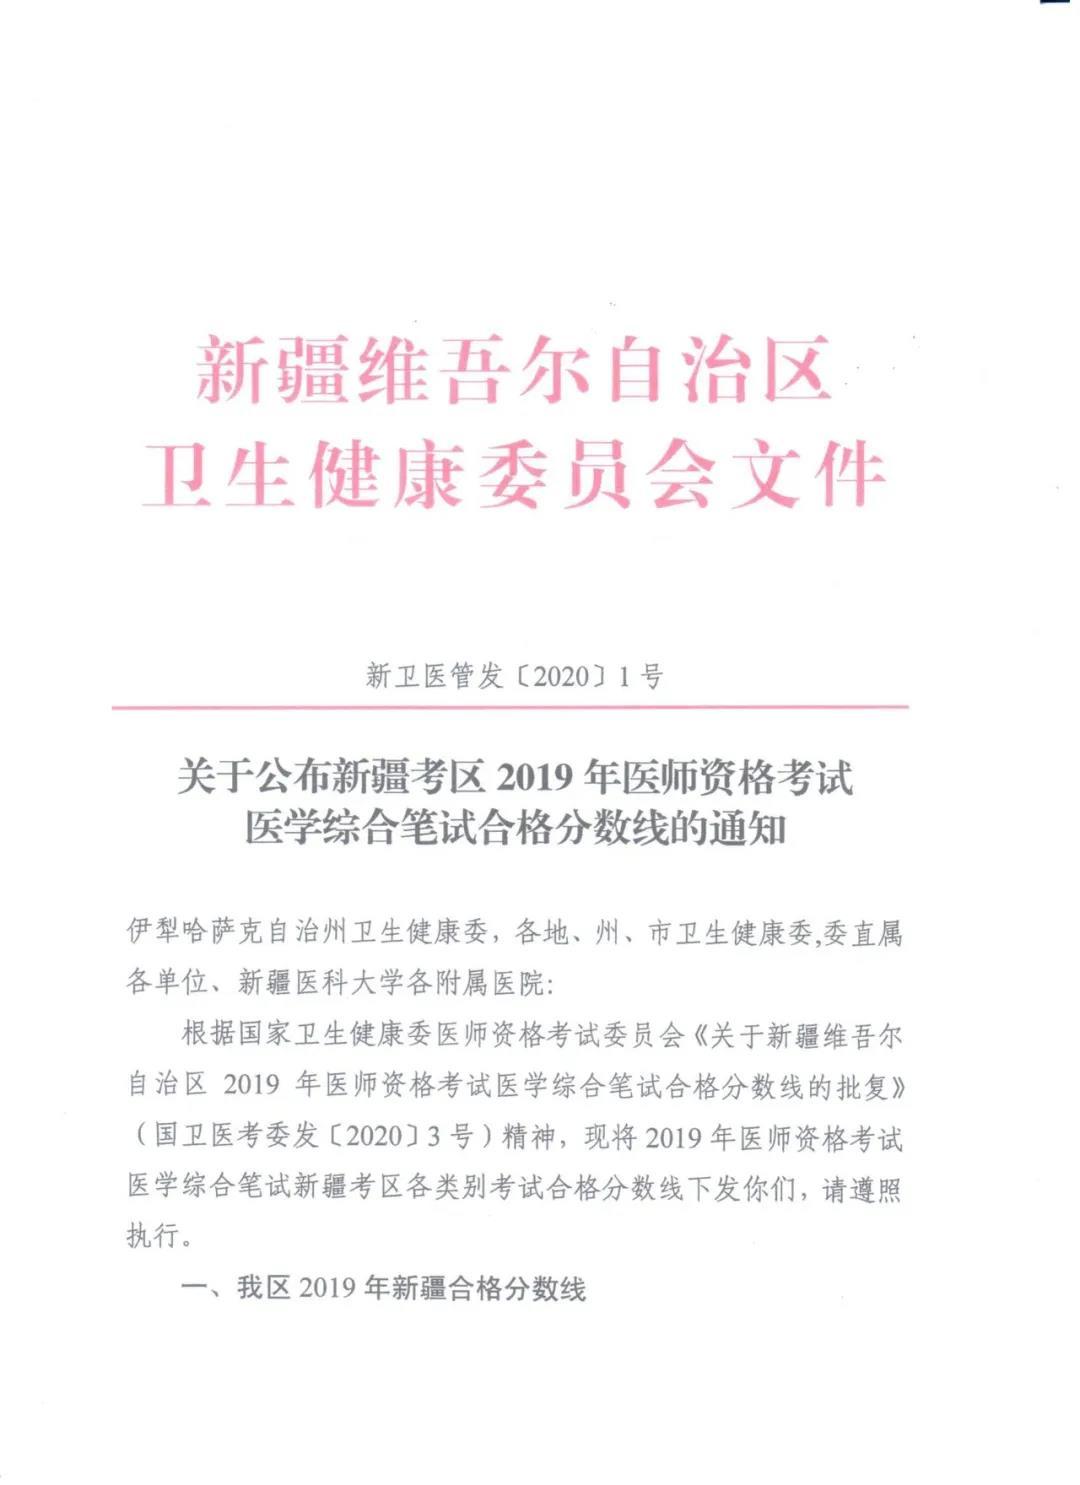 2019医师资格考试合格分数线(实践技能+综合笔试)